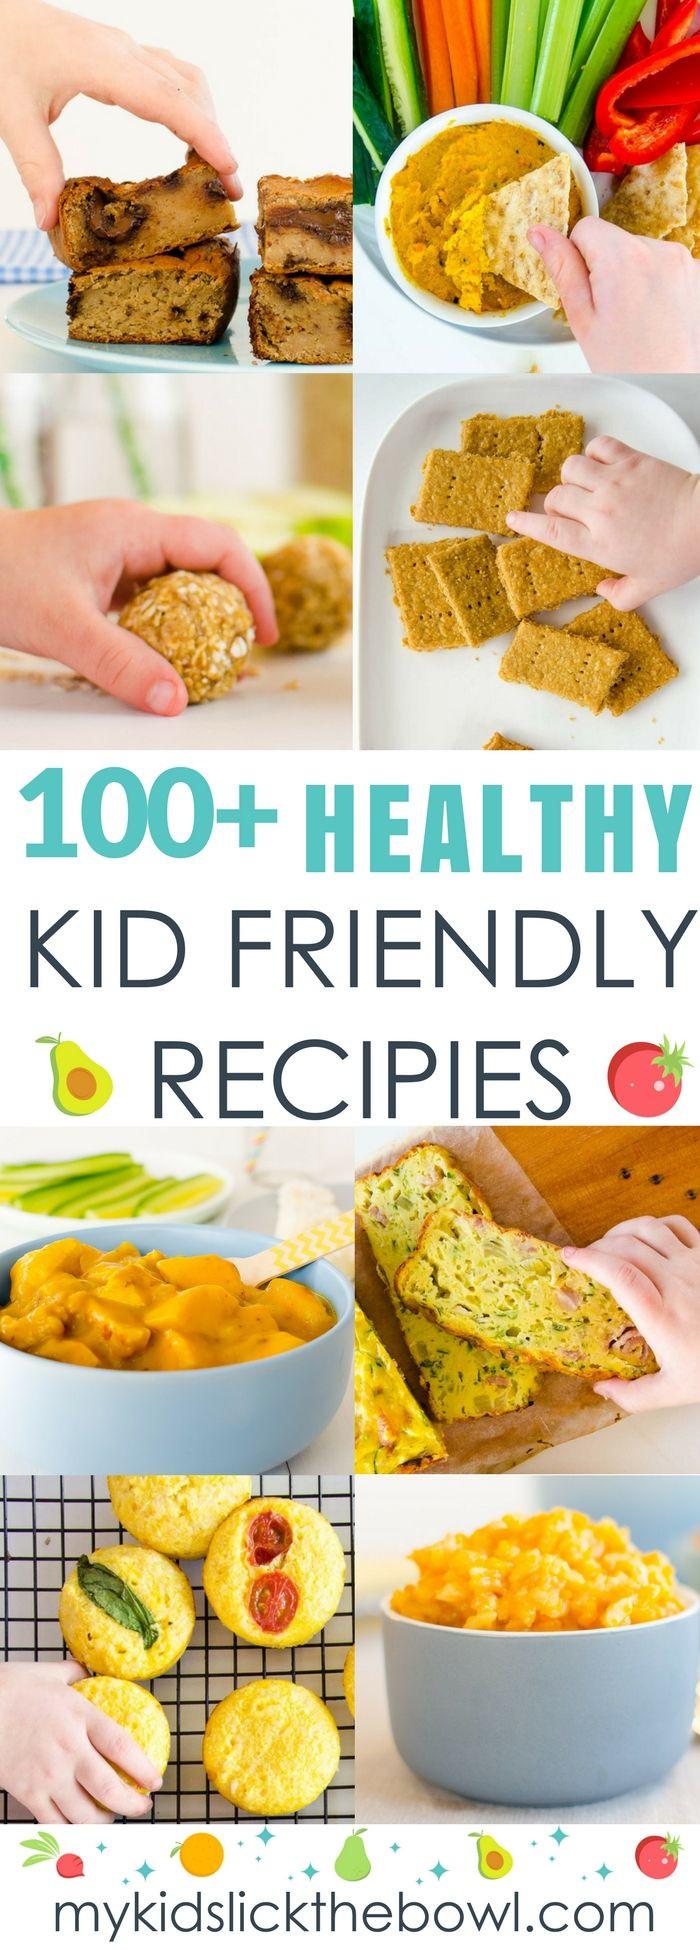 Easy Healthy Kid Friendly Recipes  De 25 bedste idéer inden for Healthy kid friendly recipes